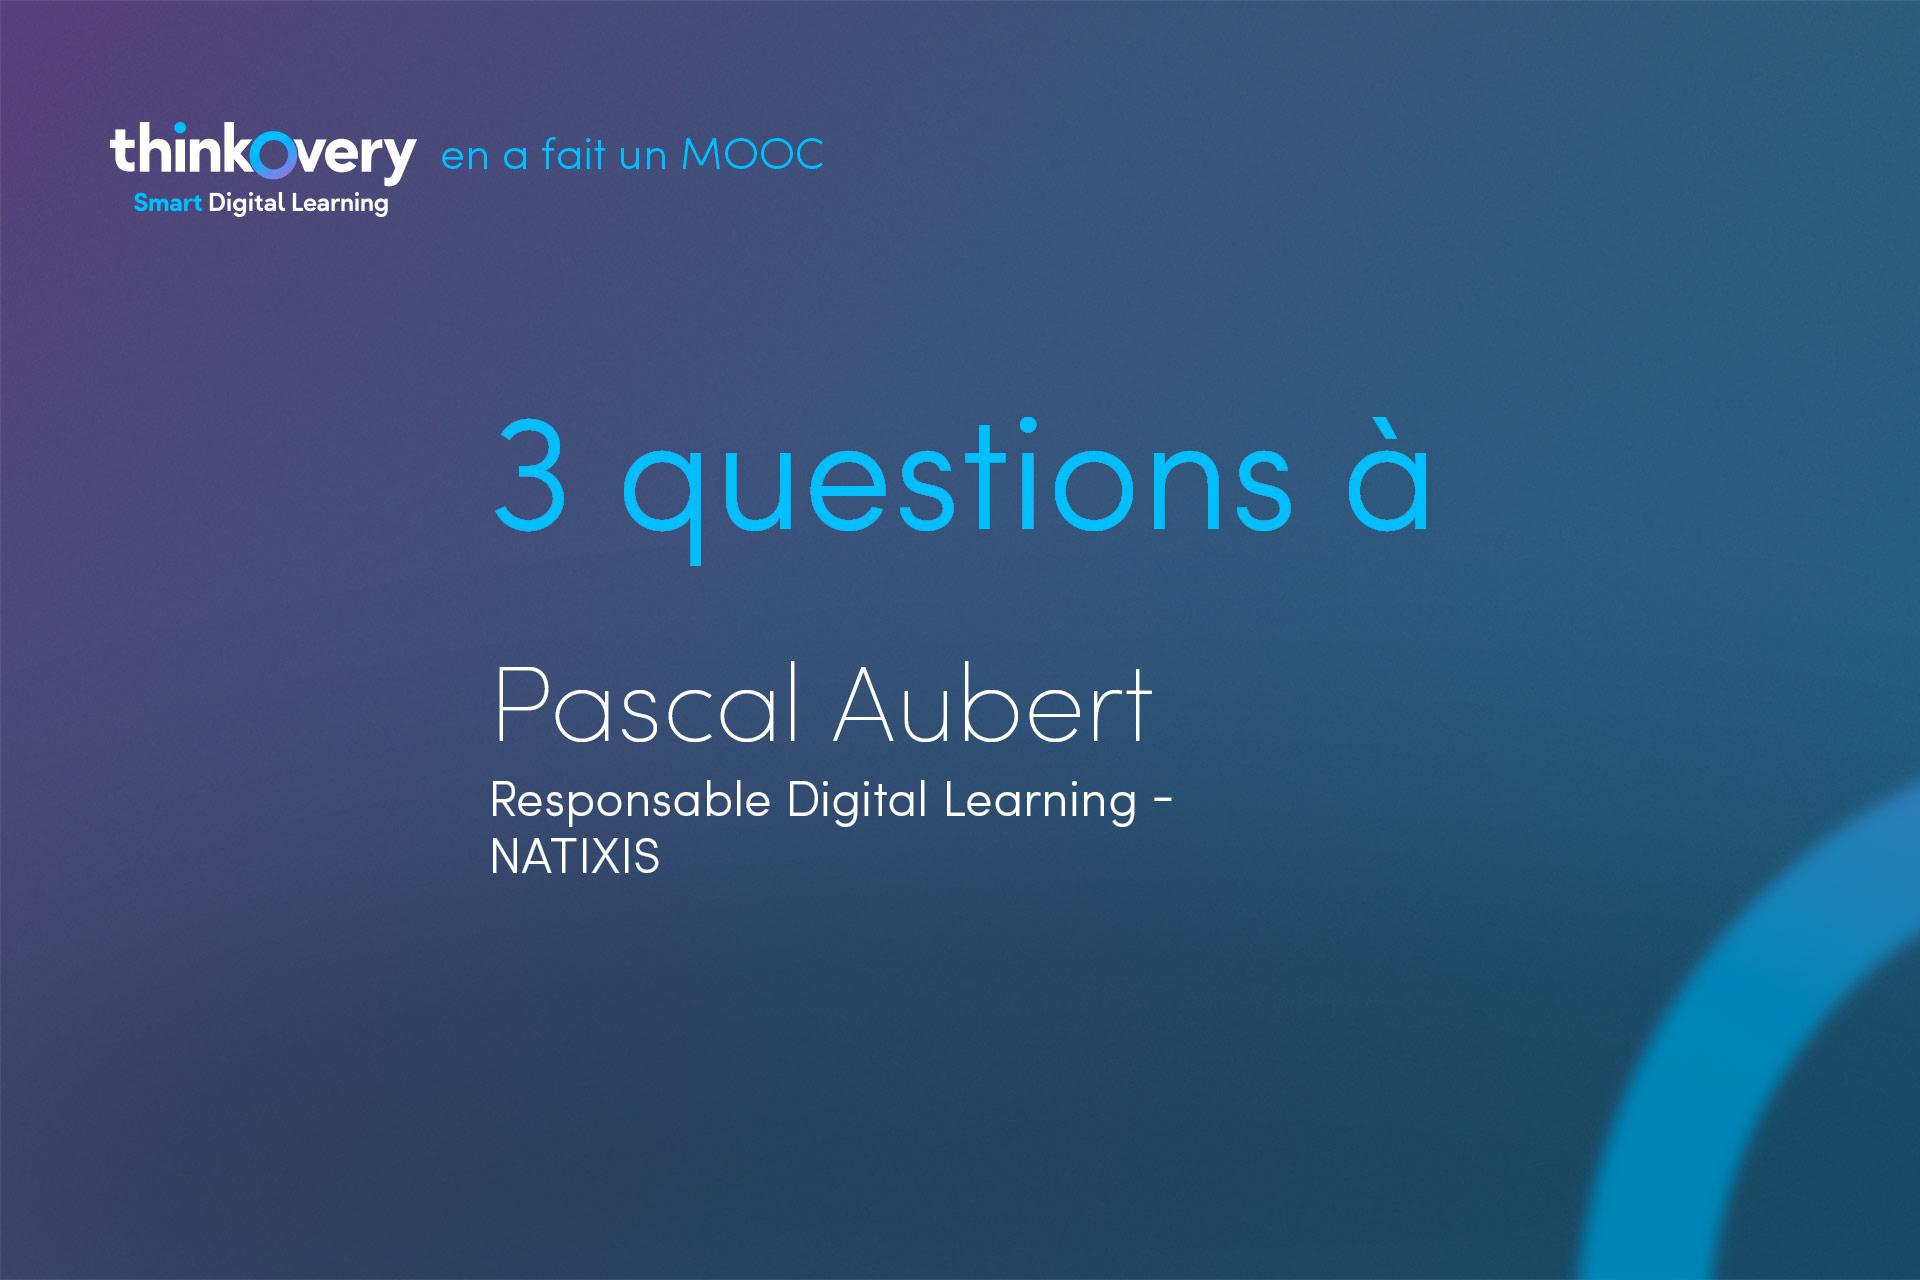 Pascal Aubert repond à nos questions concernant mooc onboarding et le digital learning